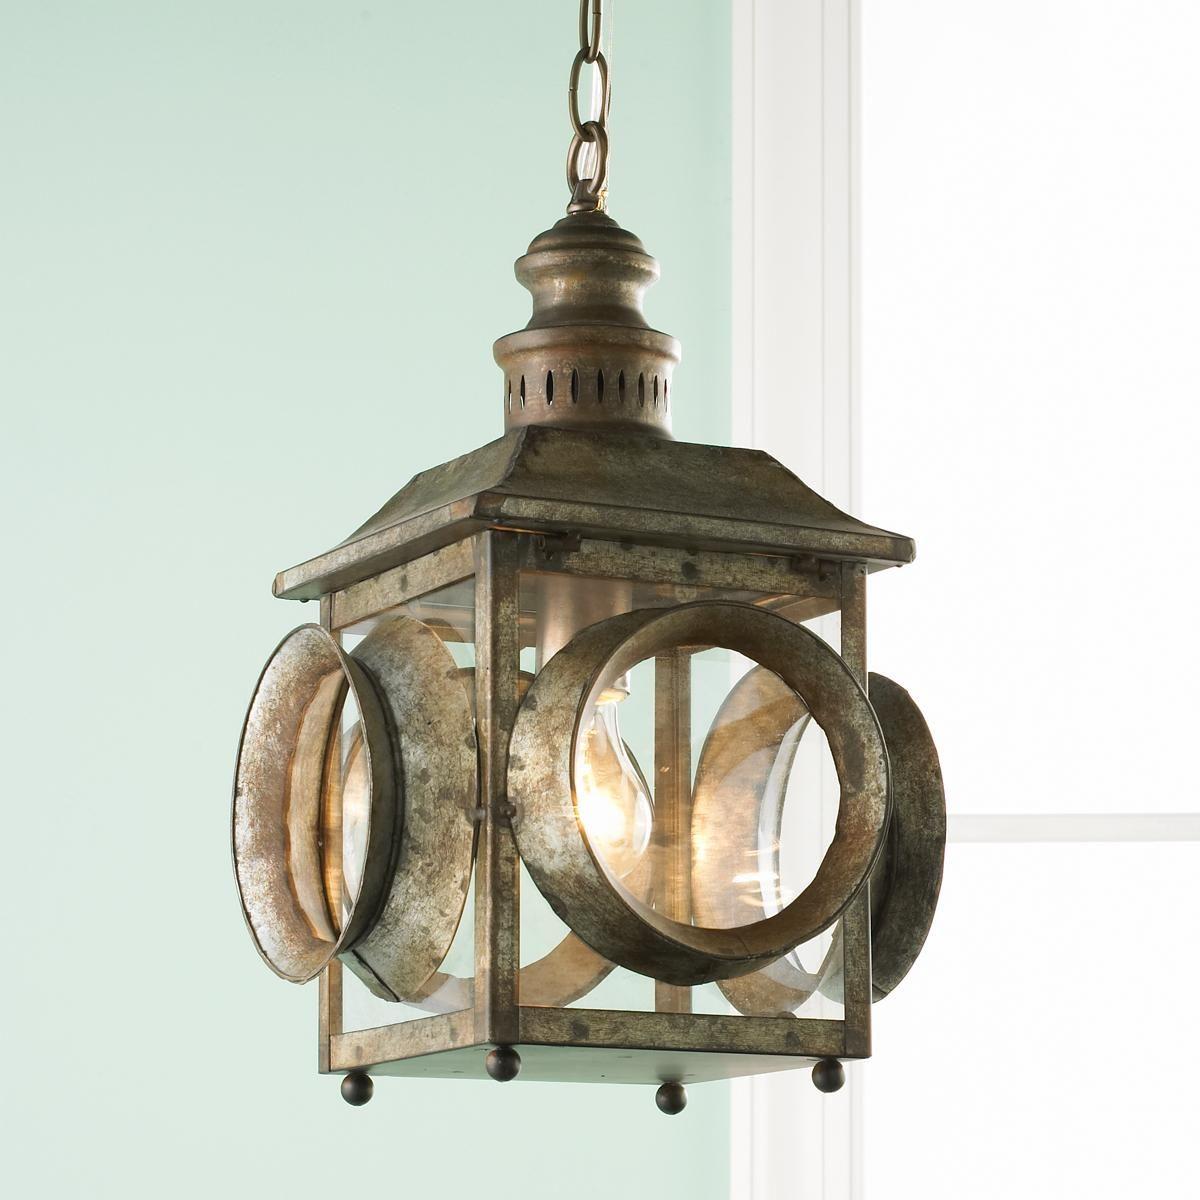 Porthole hanging lantern hanging lanterns beach and kitchens porthole hanging lantern arubaitofo Gallery